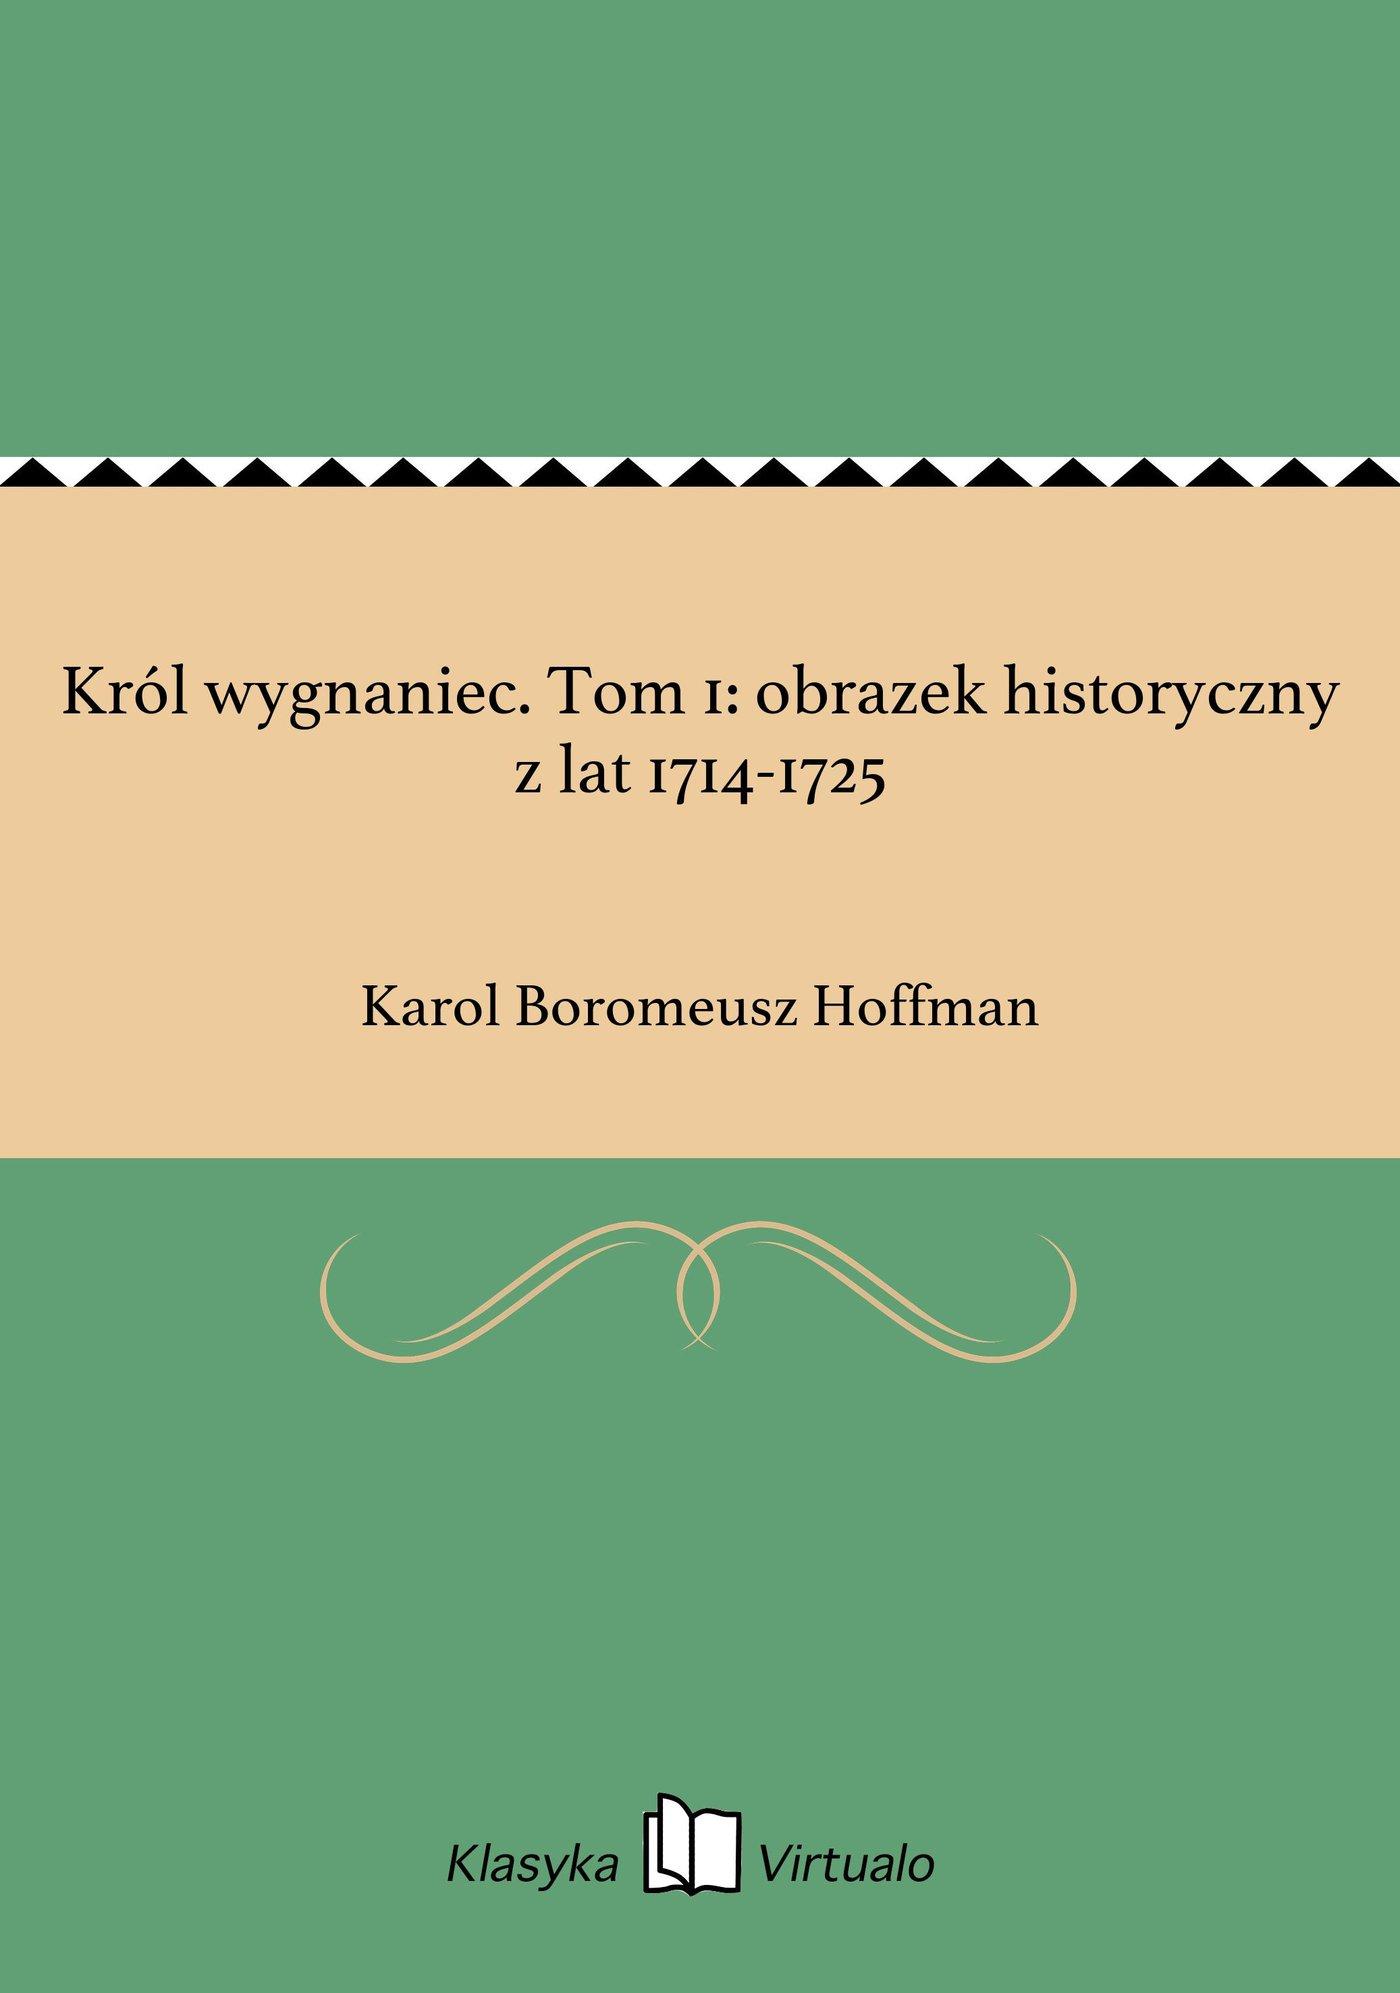 Król wygnaniec. Tom 1: obrazek historyczny z lat 1714-1725 - Ebook (Książka EPUB) do pobrania w formacie EPUB